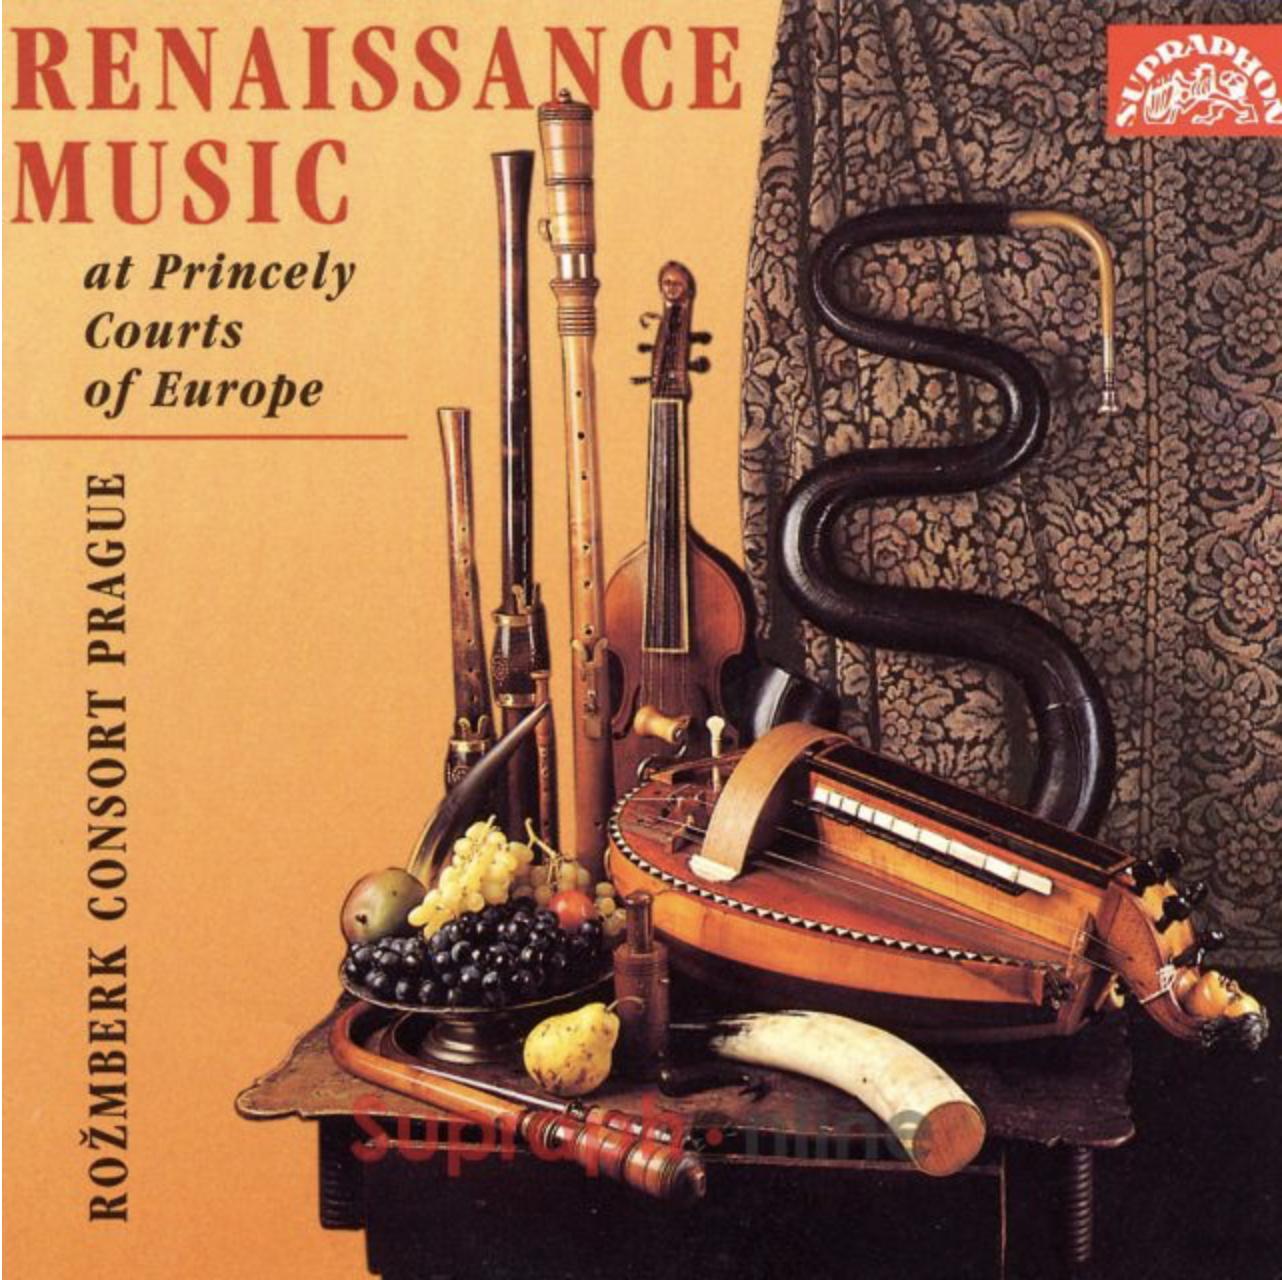 Rožmberská kepela – Renesanční hudba na panovnických dvorech